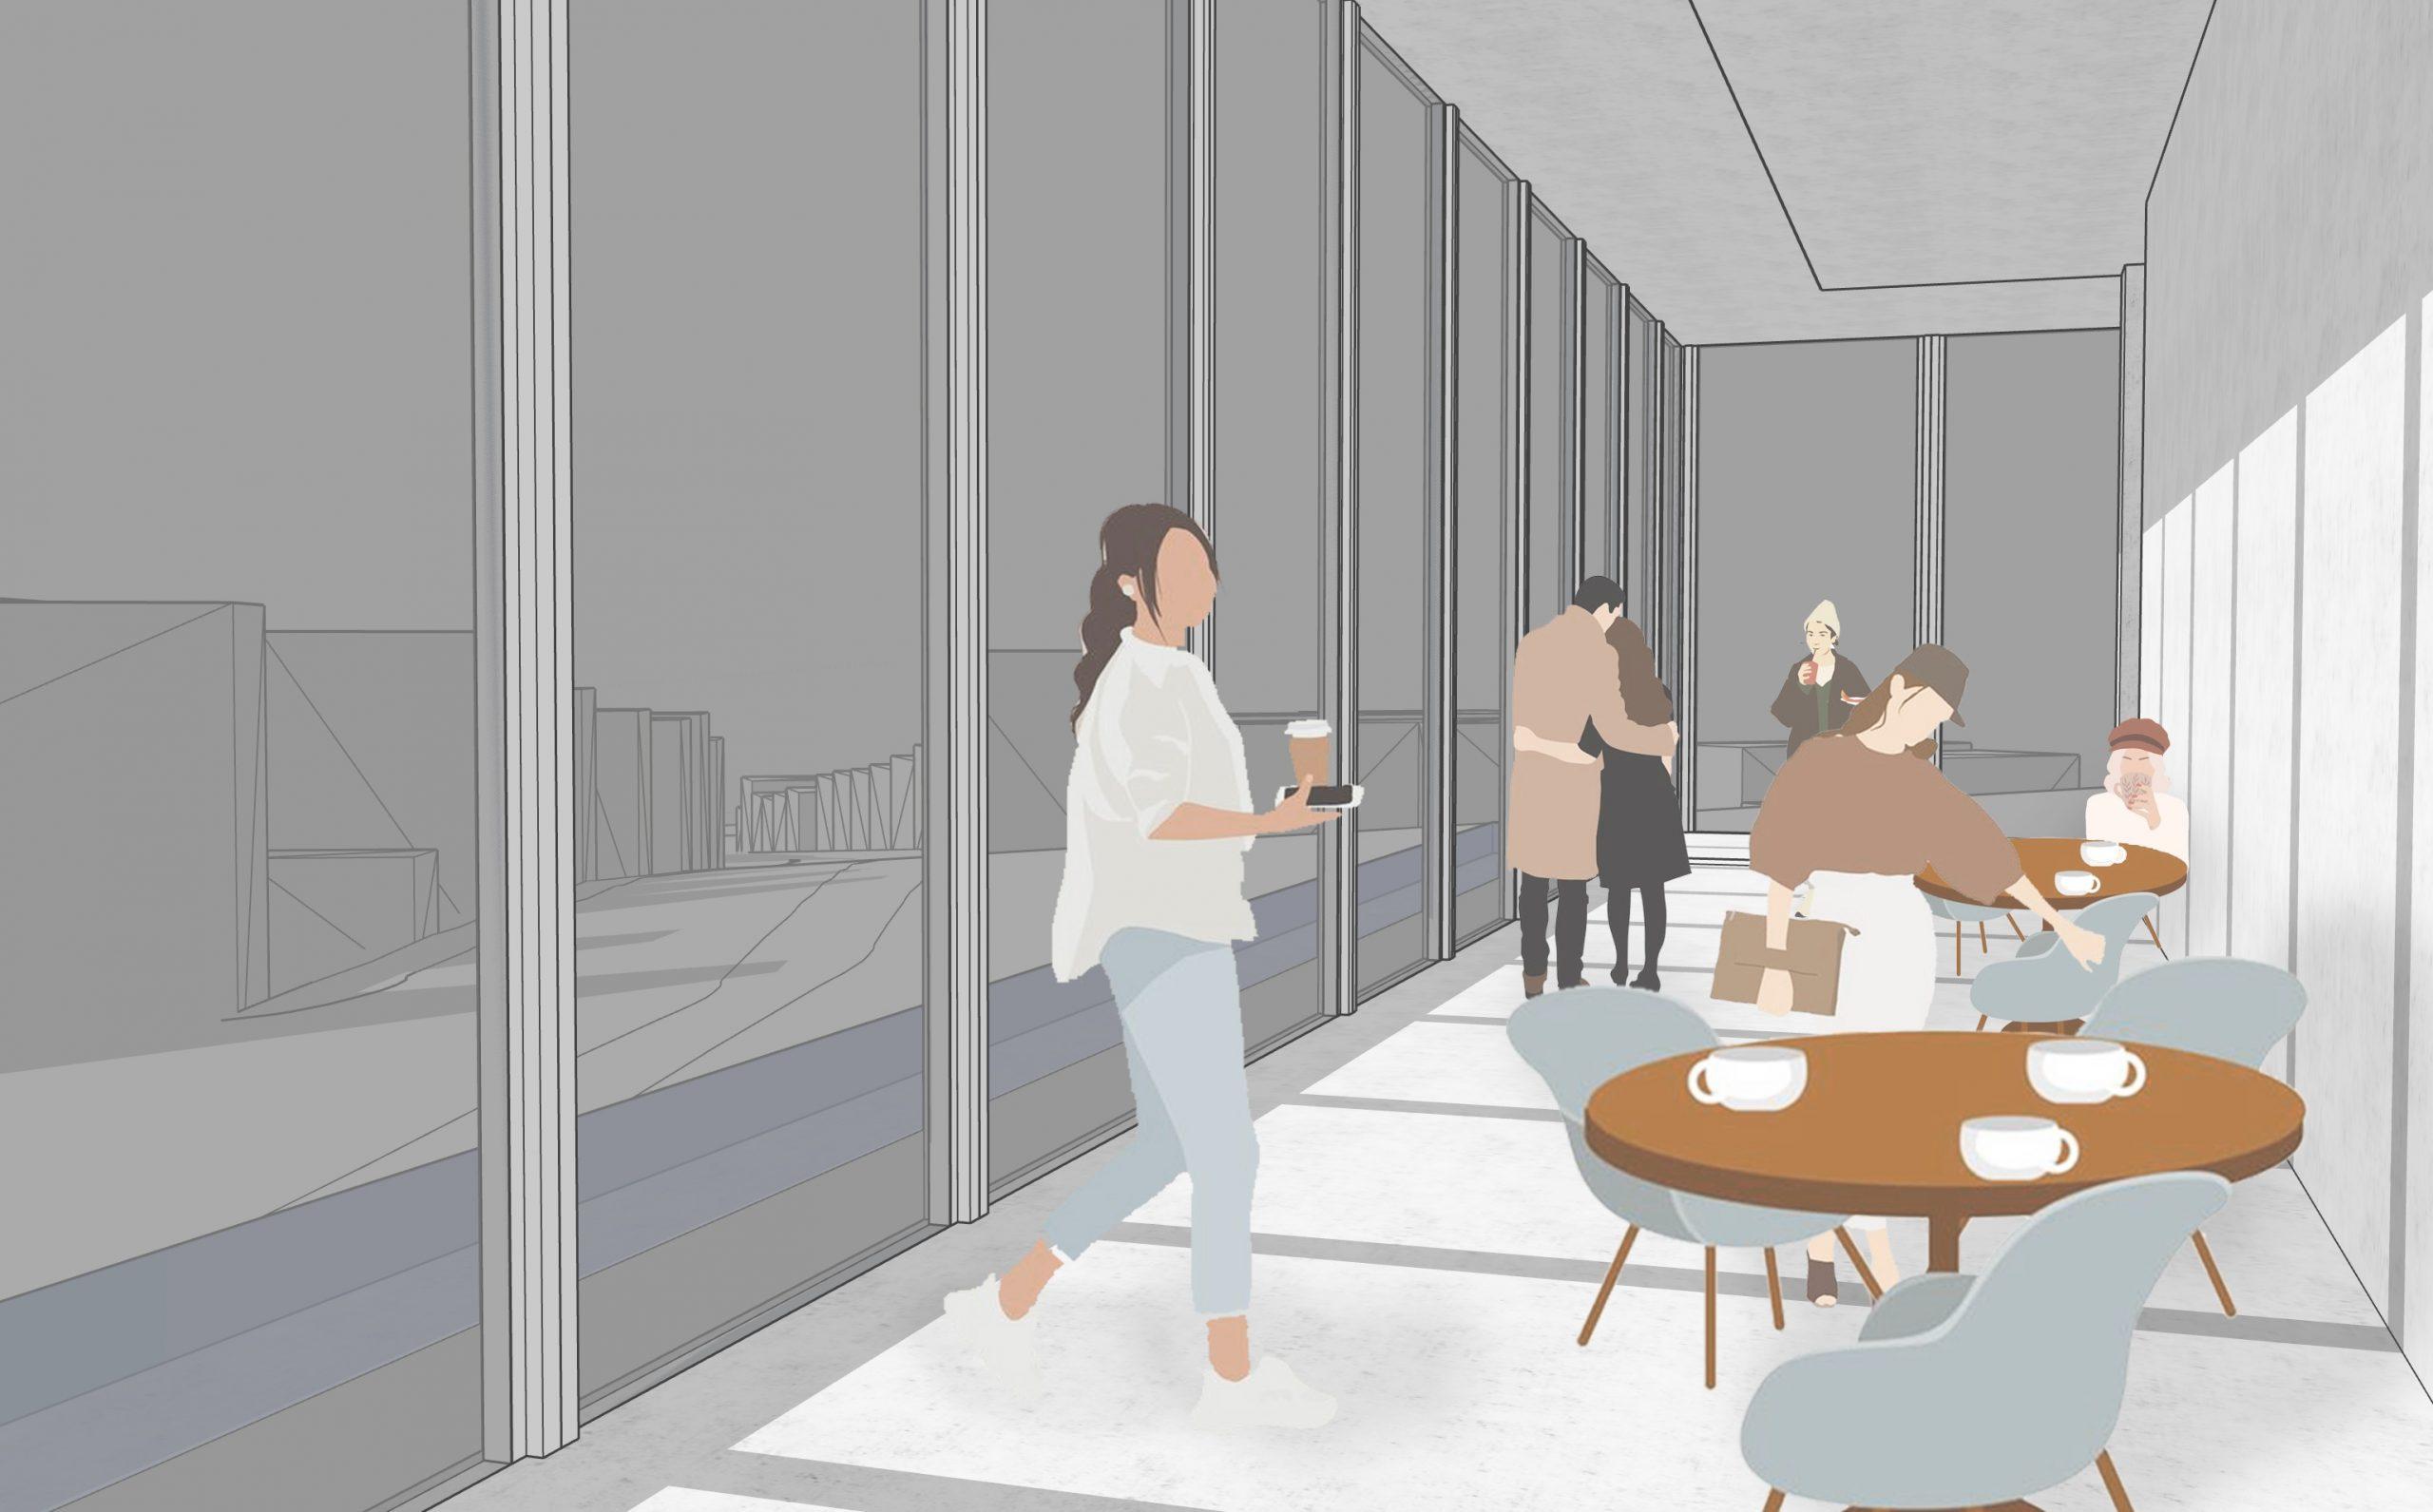 Exhibition Center Interior - Cafe Space